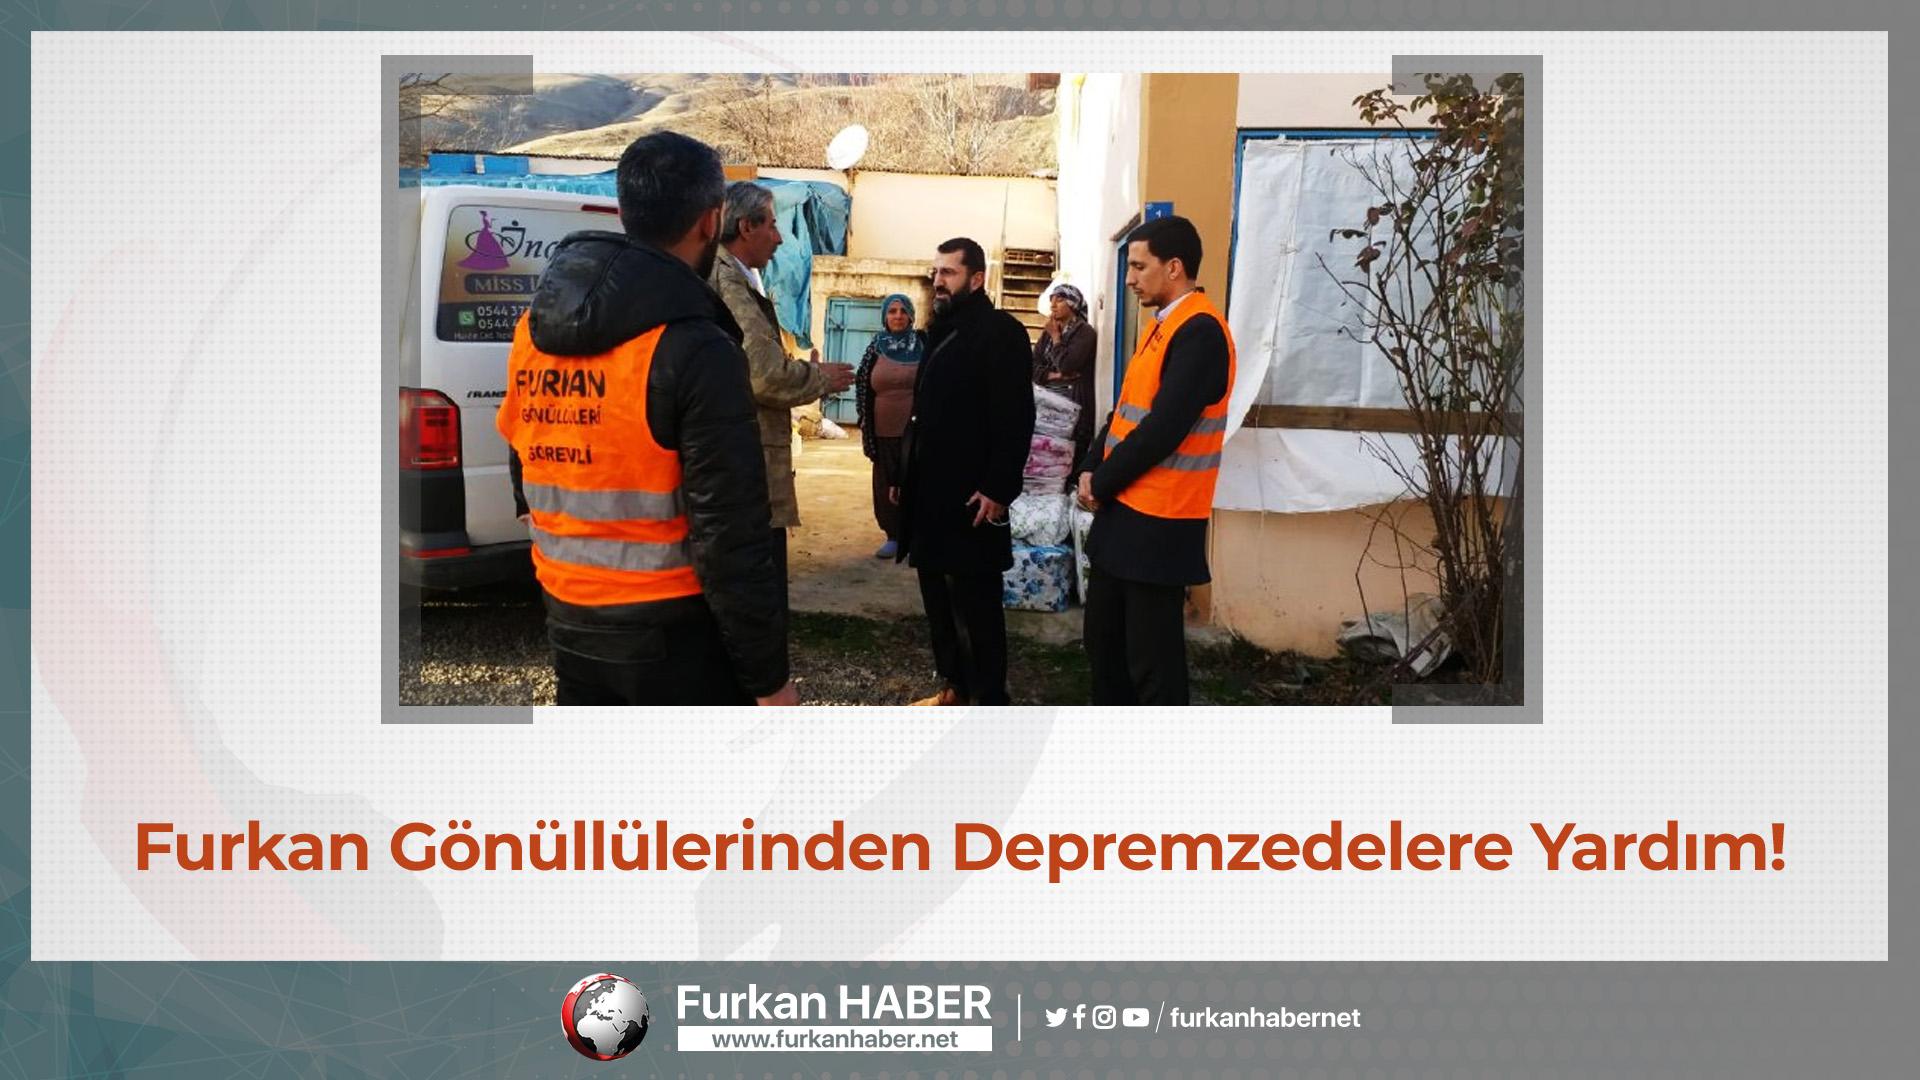 Furkan Gönüllülerinden Depremzedelere Yardım!